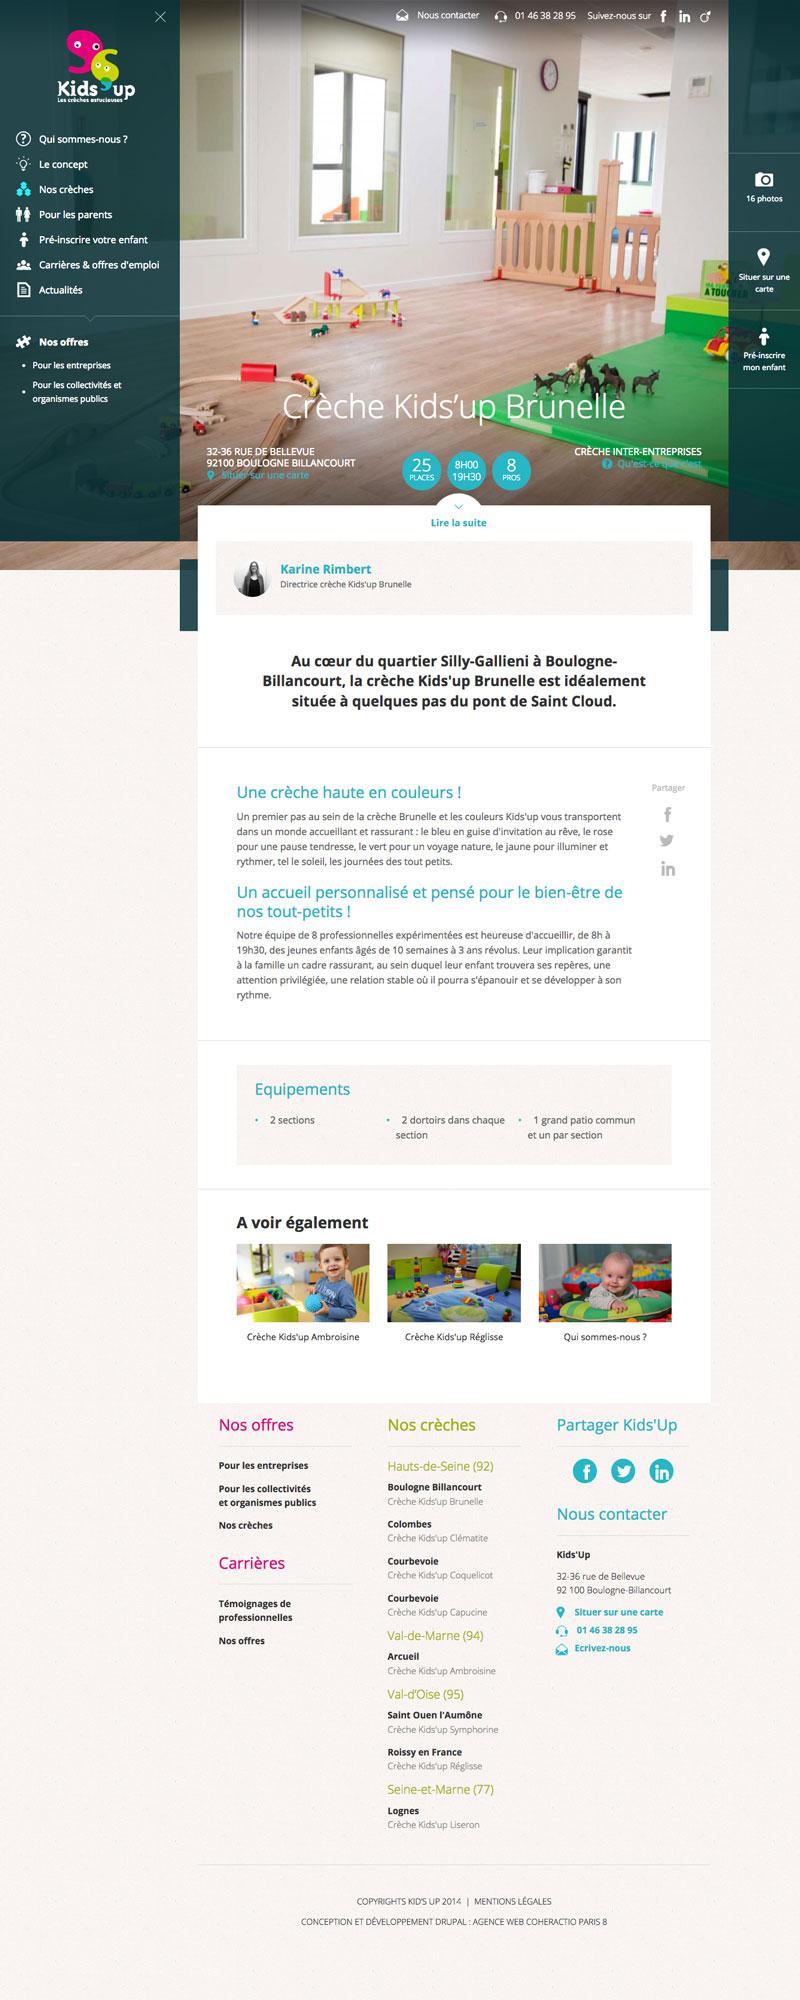 Kids'up - Design graphique, développement Drupal Responsive par Agence Web Coheractio